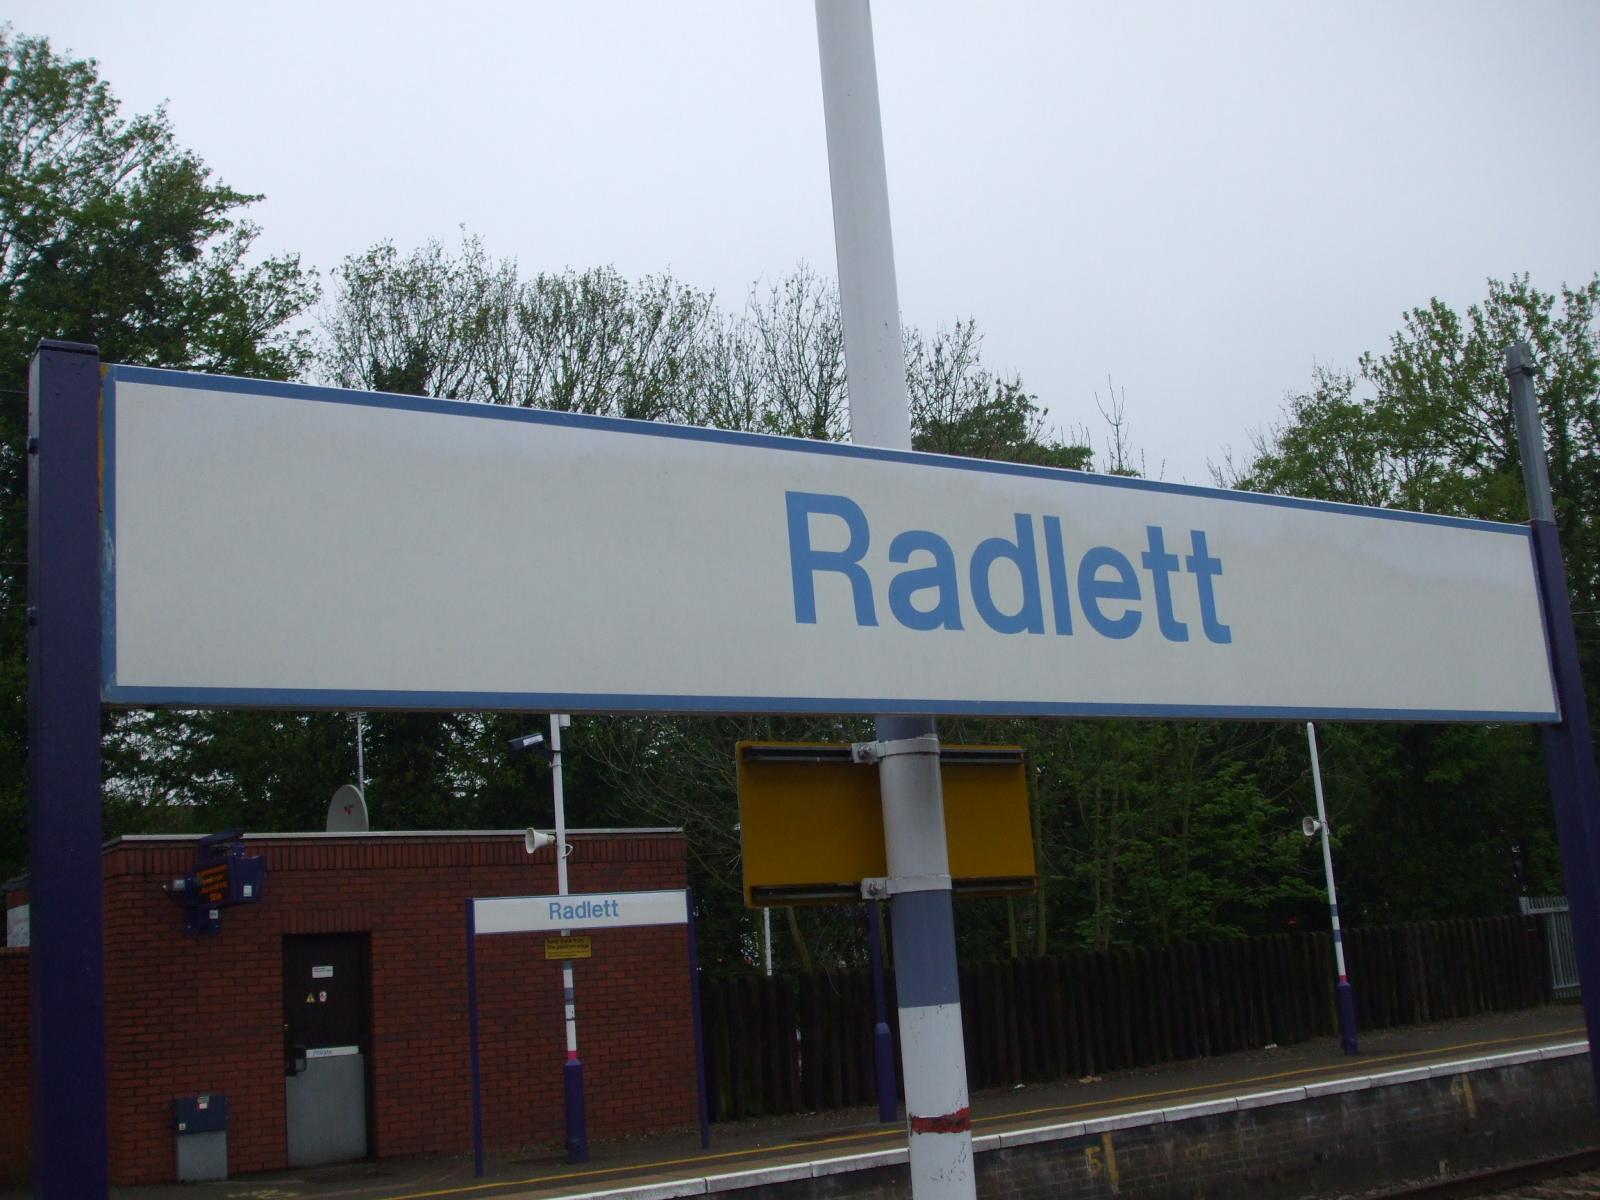 carpet cleaning service radlett